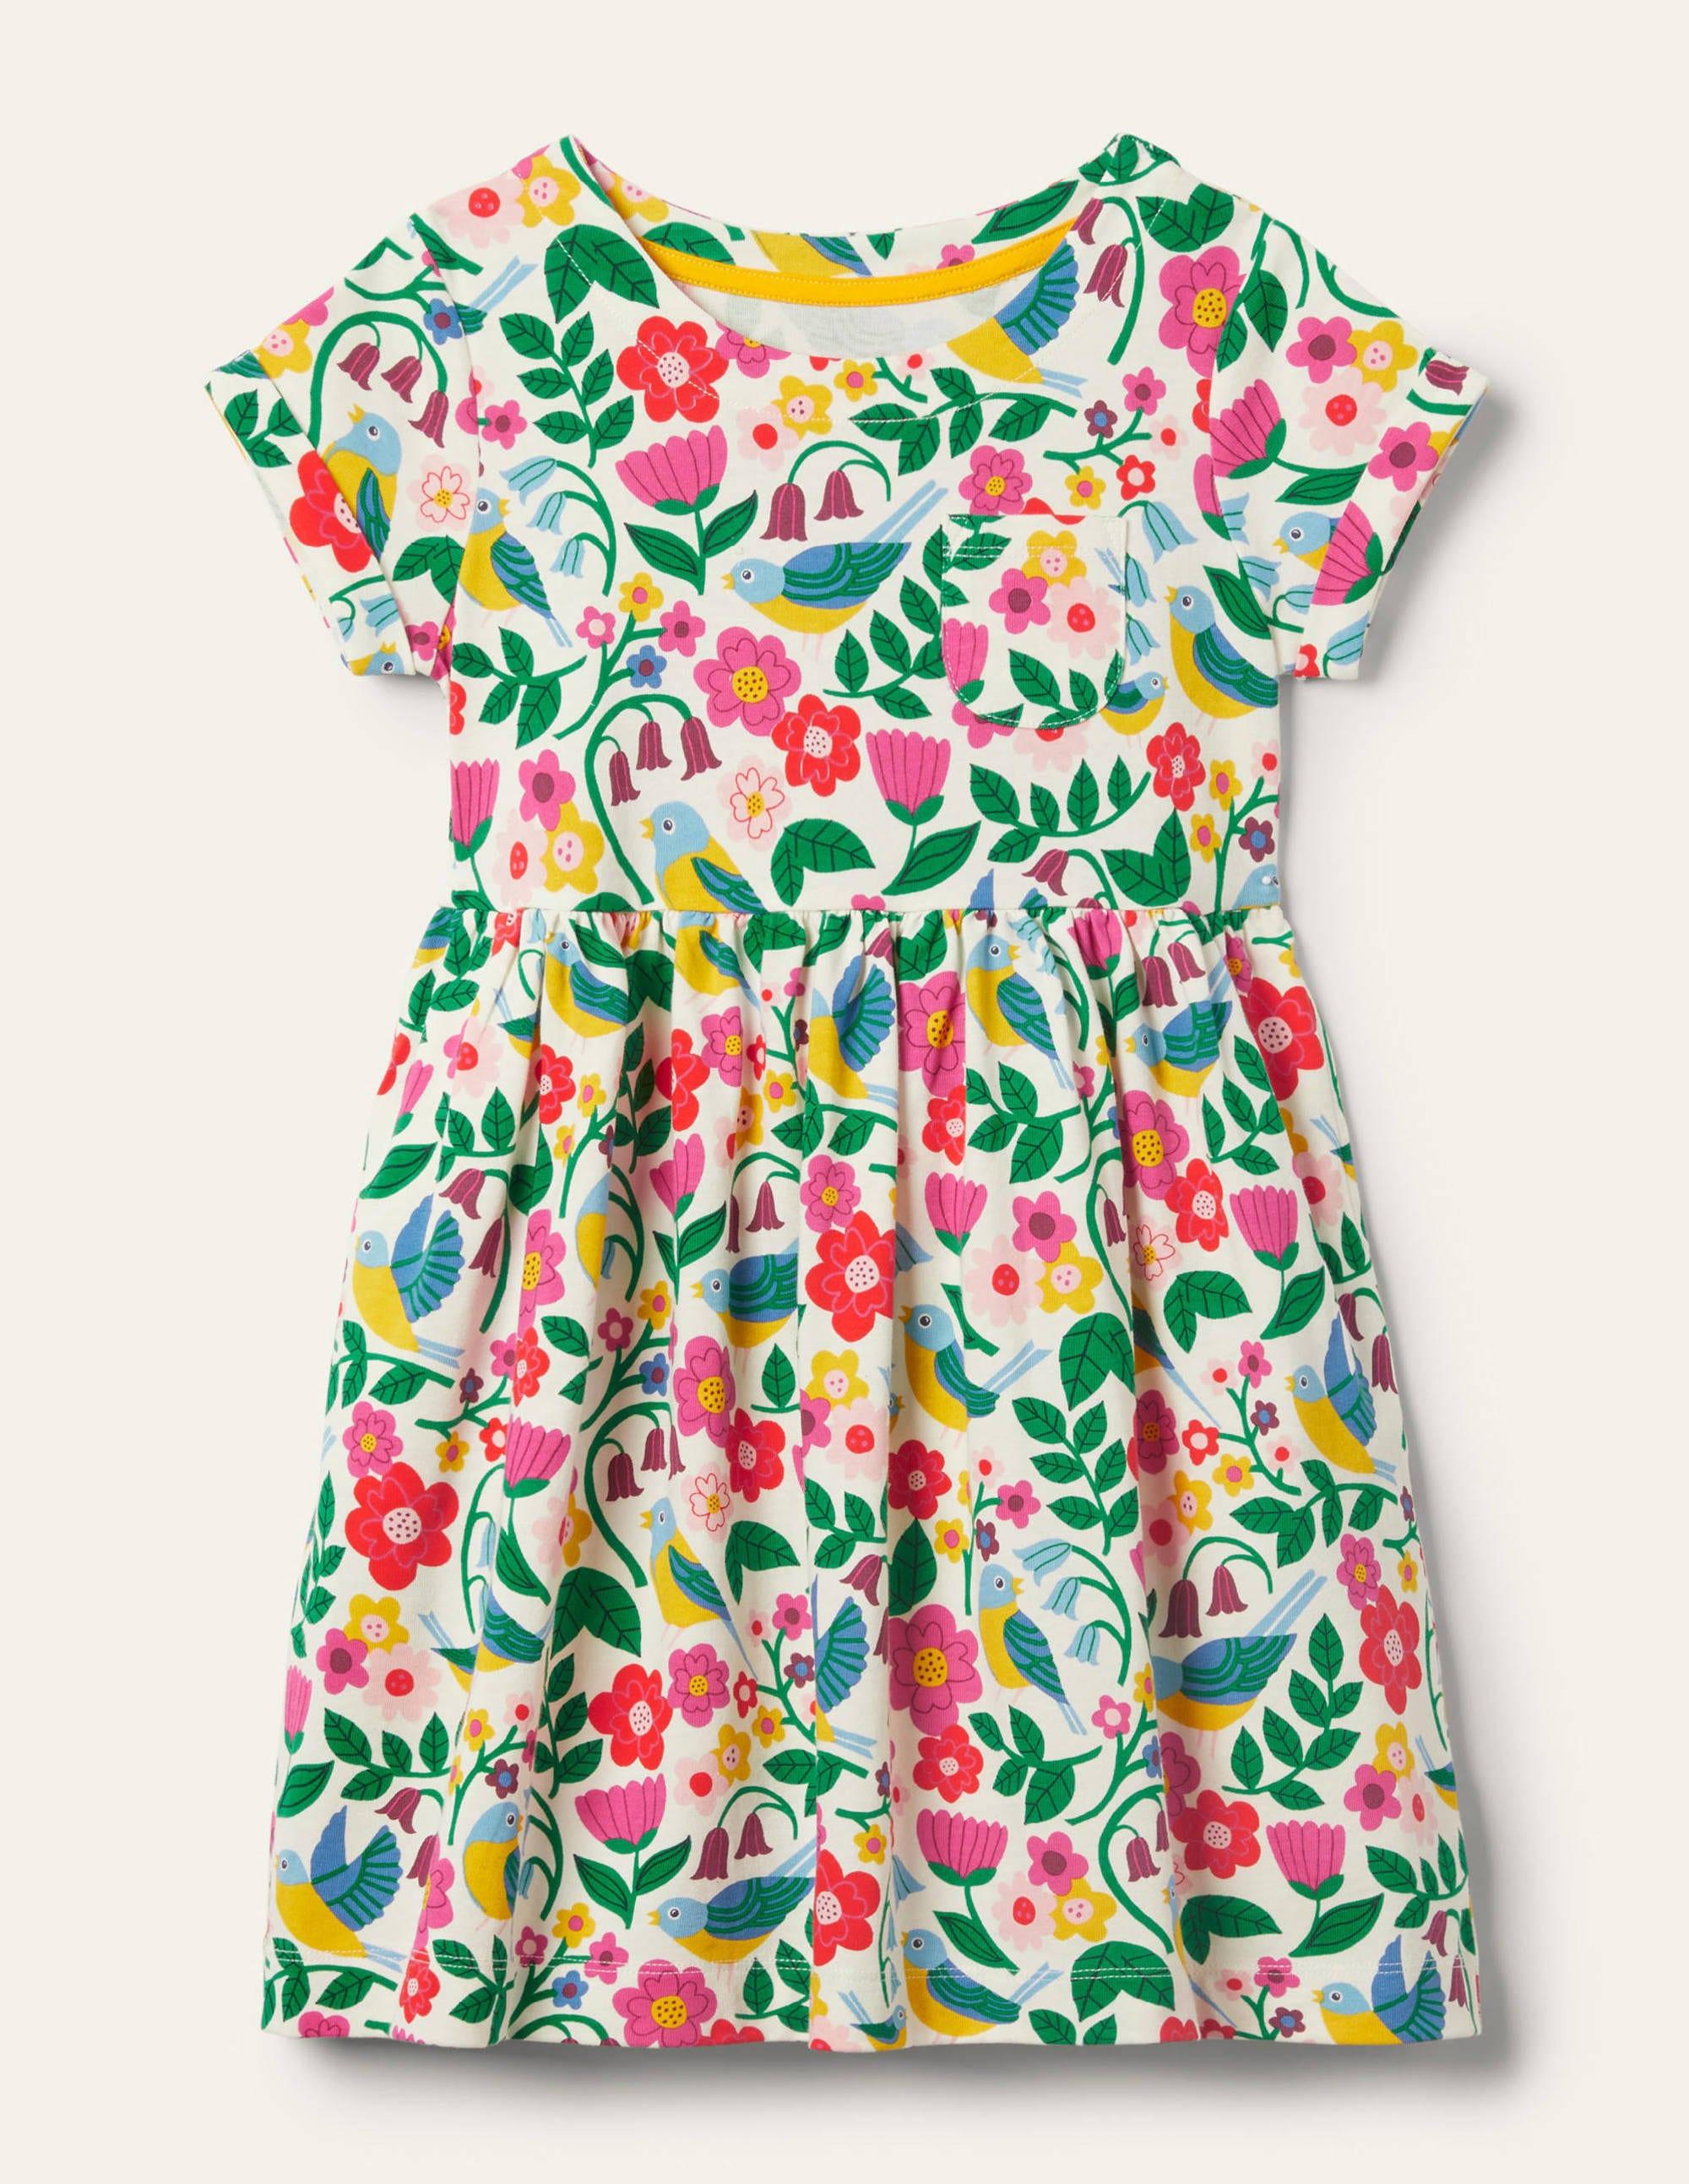 Boden Fun Jersey Dress - Multi Garden Birds